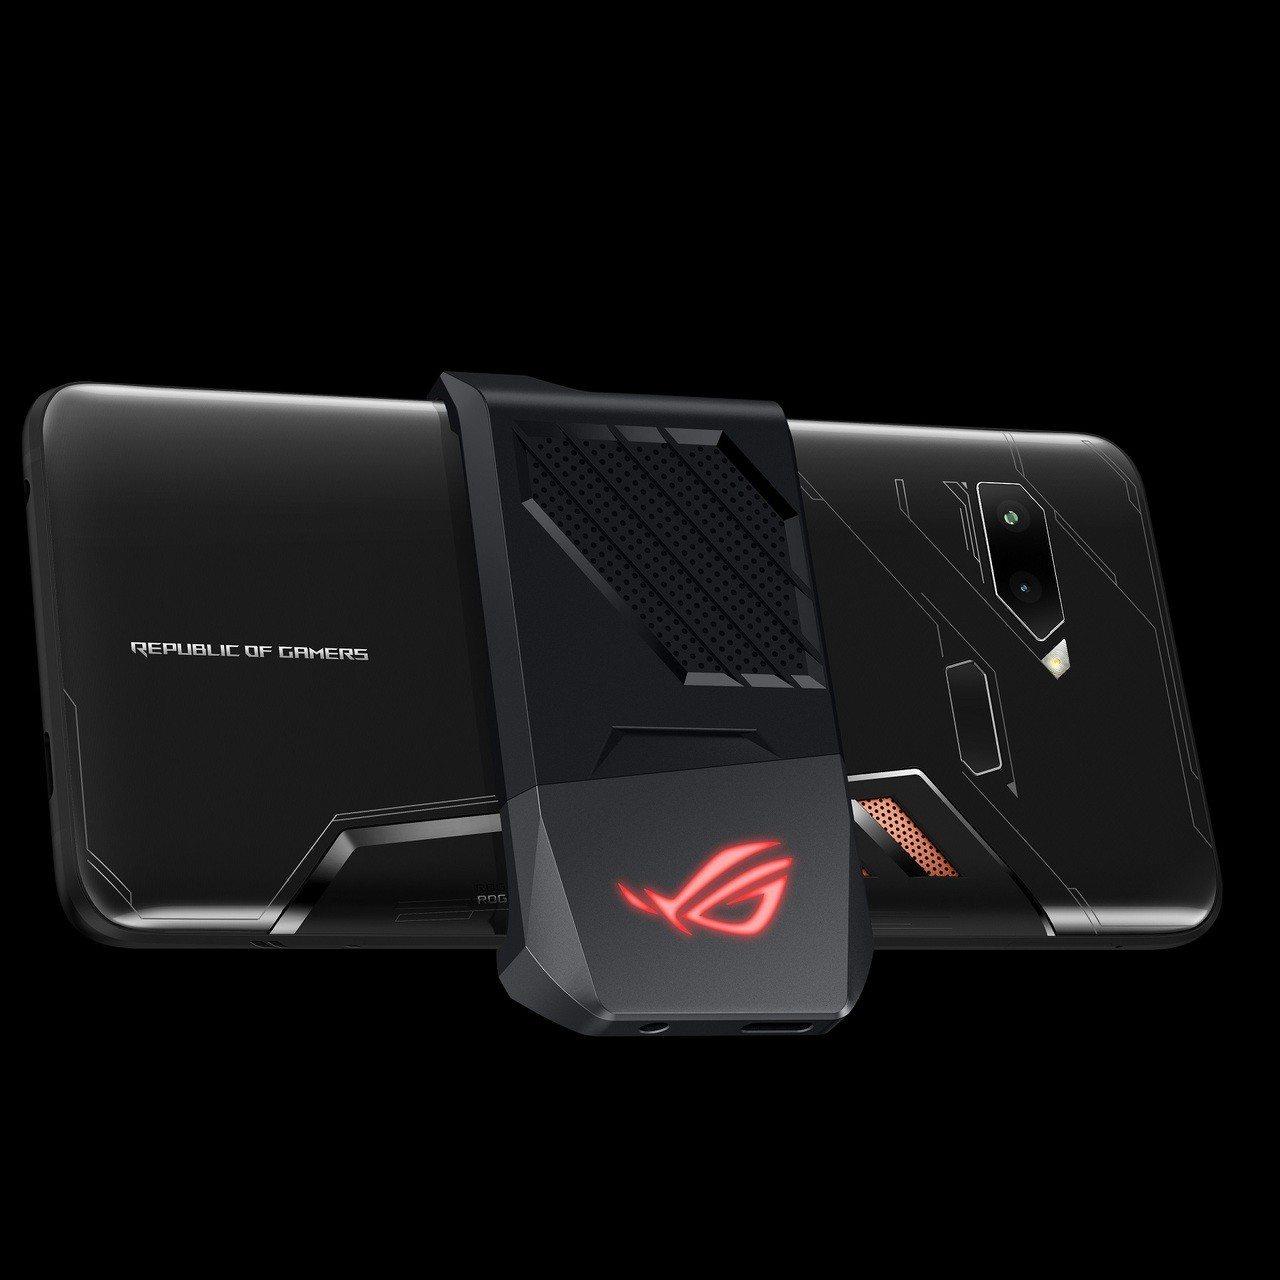 華碩首款電競手機ROG Phone即將上市。 圖/華碩提供